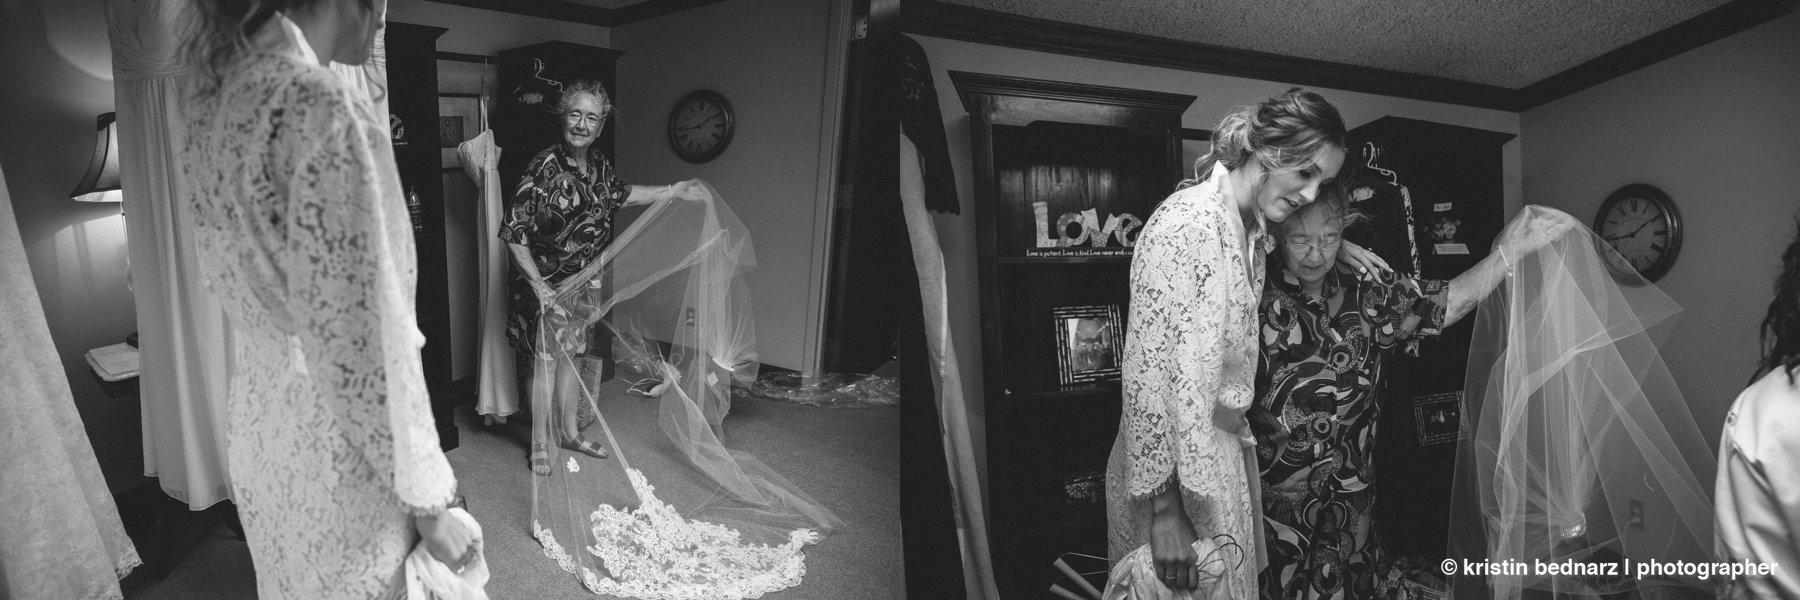 Krisitin_Bednarz_Lubbock_Wedding_Photographer_20180602_0035.JPG